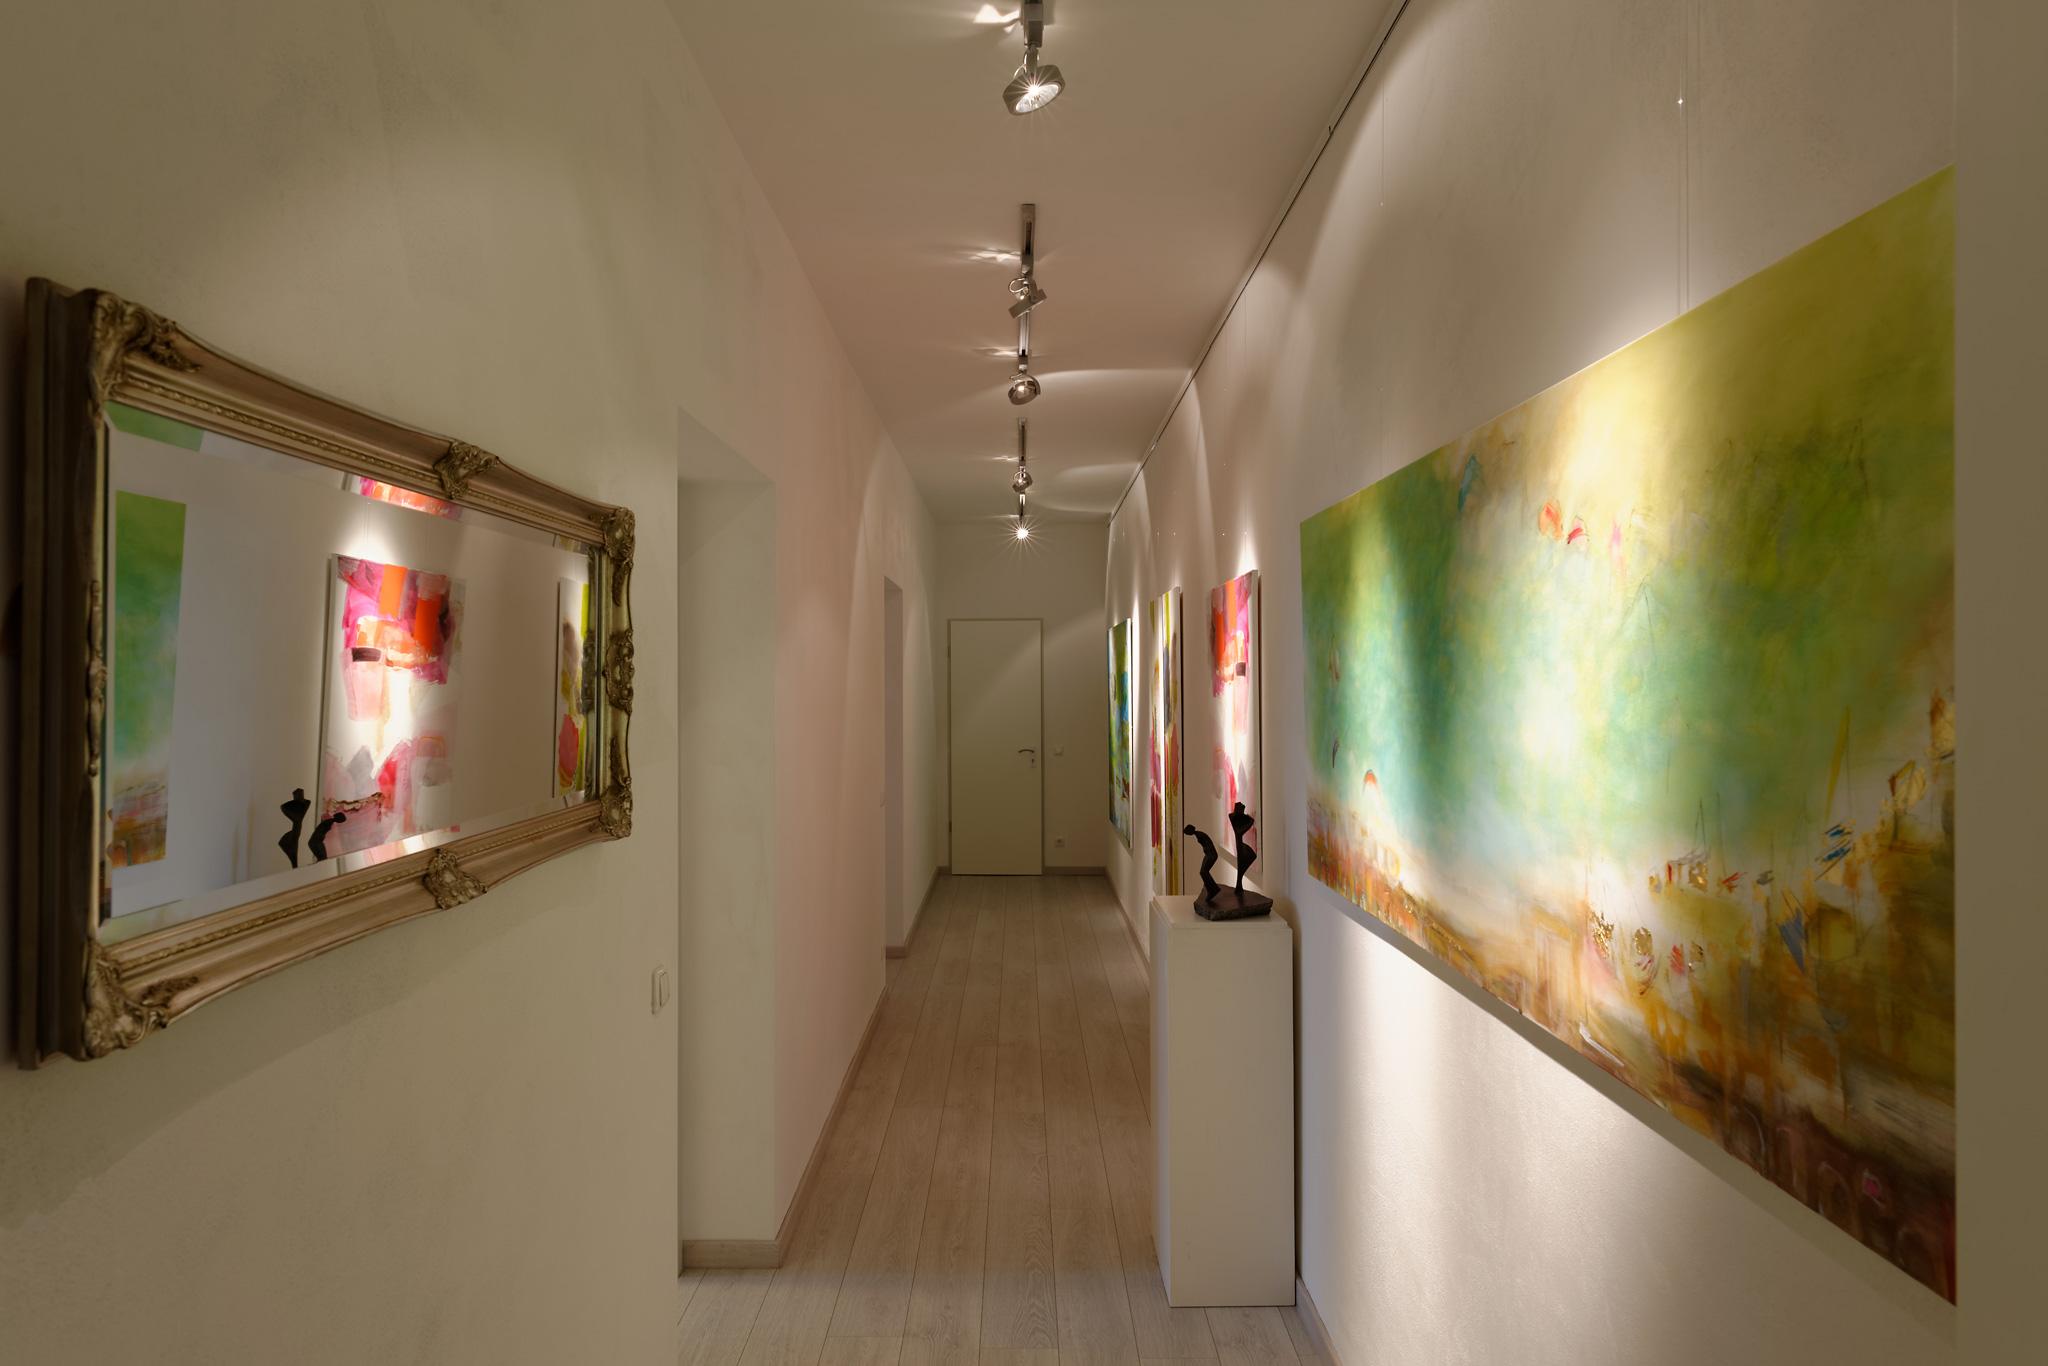 Atelier Angela Sommerhoff